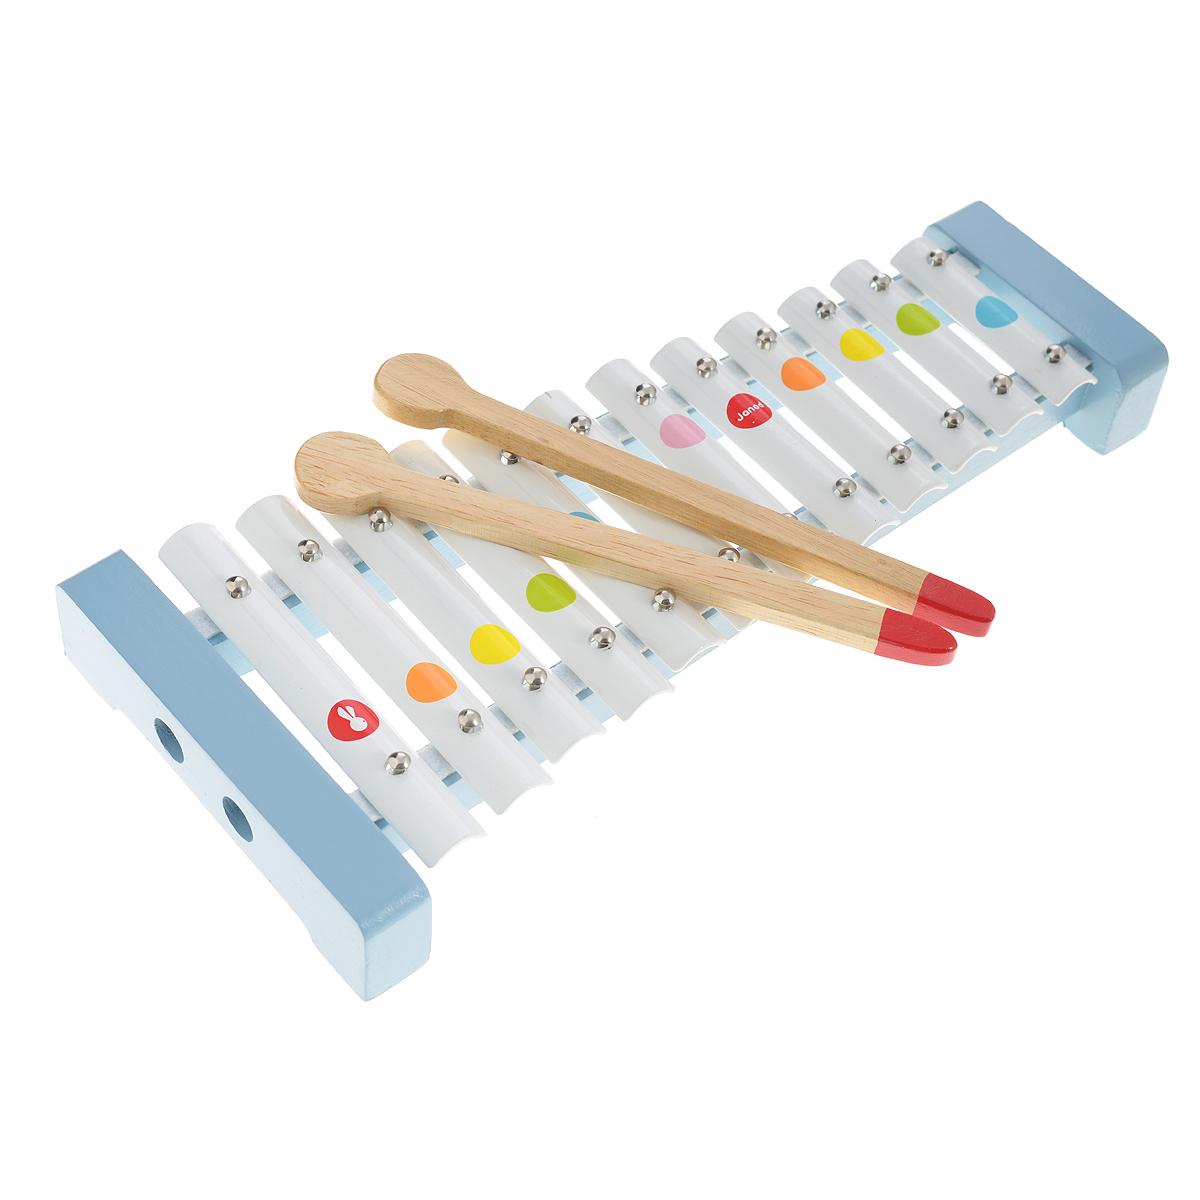 Музыкальная игрушка Janod МеталлофонJ07604Музыкальная игрушка Металлофон производства французской компании Janod предназначена для детей от 2 лет. Металлофон - это металлический ксилофон, который отличается высоким чистым звуком. Всем известно, что музыка благотворно влияет на психику детей, вырабатывает у них чувство гармонии, вызывает новые эмоции. Металлофон выполнен из дерева и оснащен 12 металлическими пластинами, которые, при ударе по ним деревянной палочкой, издают приятный мелодичный звон. Он имеет оригинальный дизайн и веселую приятную расцветку: на белом фоне расположены яркие разноцветные кружочки в виде конфетти. Деревянные палочки хранятся в подставке металлофона. Металлофон издает приятные звуки и не станет головной болью для родителей, пока ребенок учится играть. Кроме того, инструмент прост в освоении и непременно порадует вашего маленького музыкант. Игра на металлофоне поможет развить слух, звуковое и цветовое восприятия, концентрацию внимания и мелкую моторику рук ребенка.